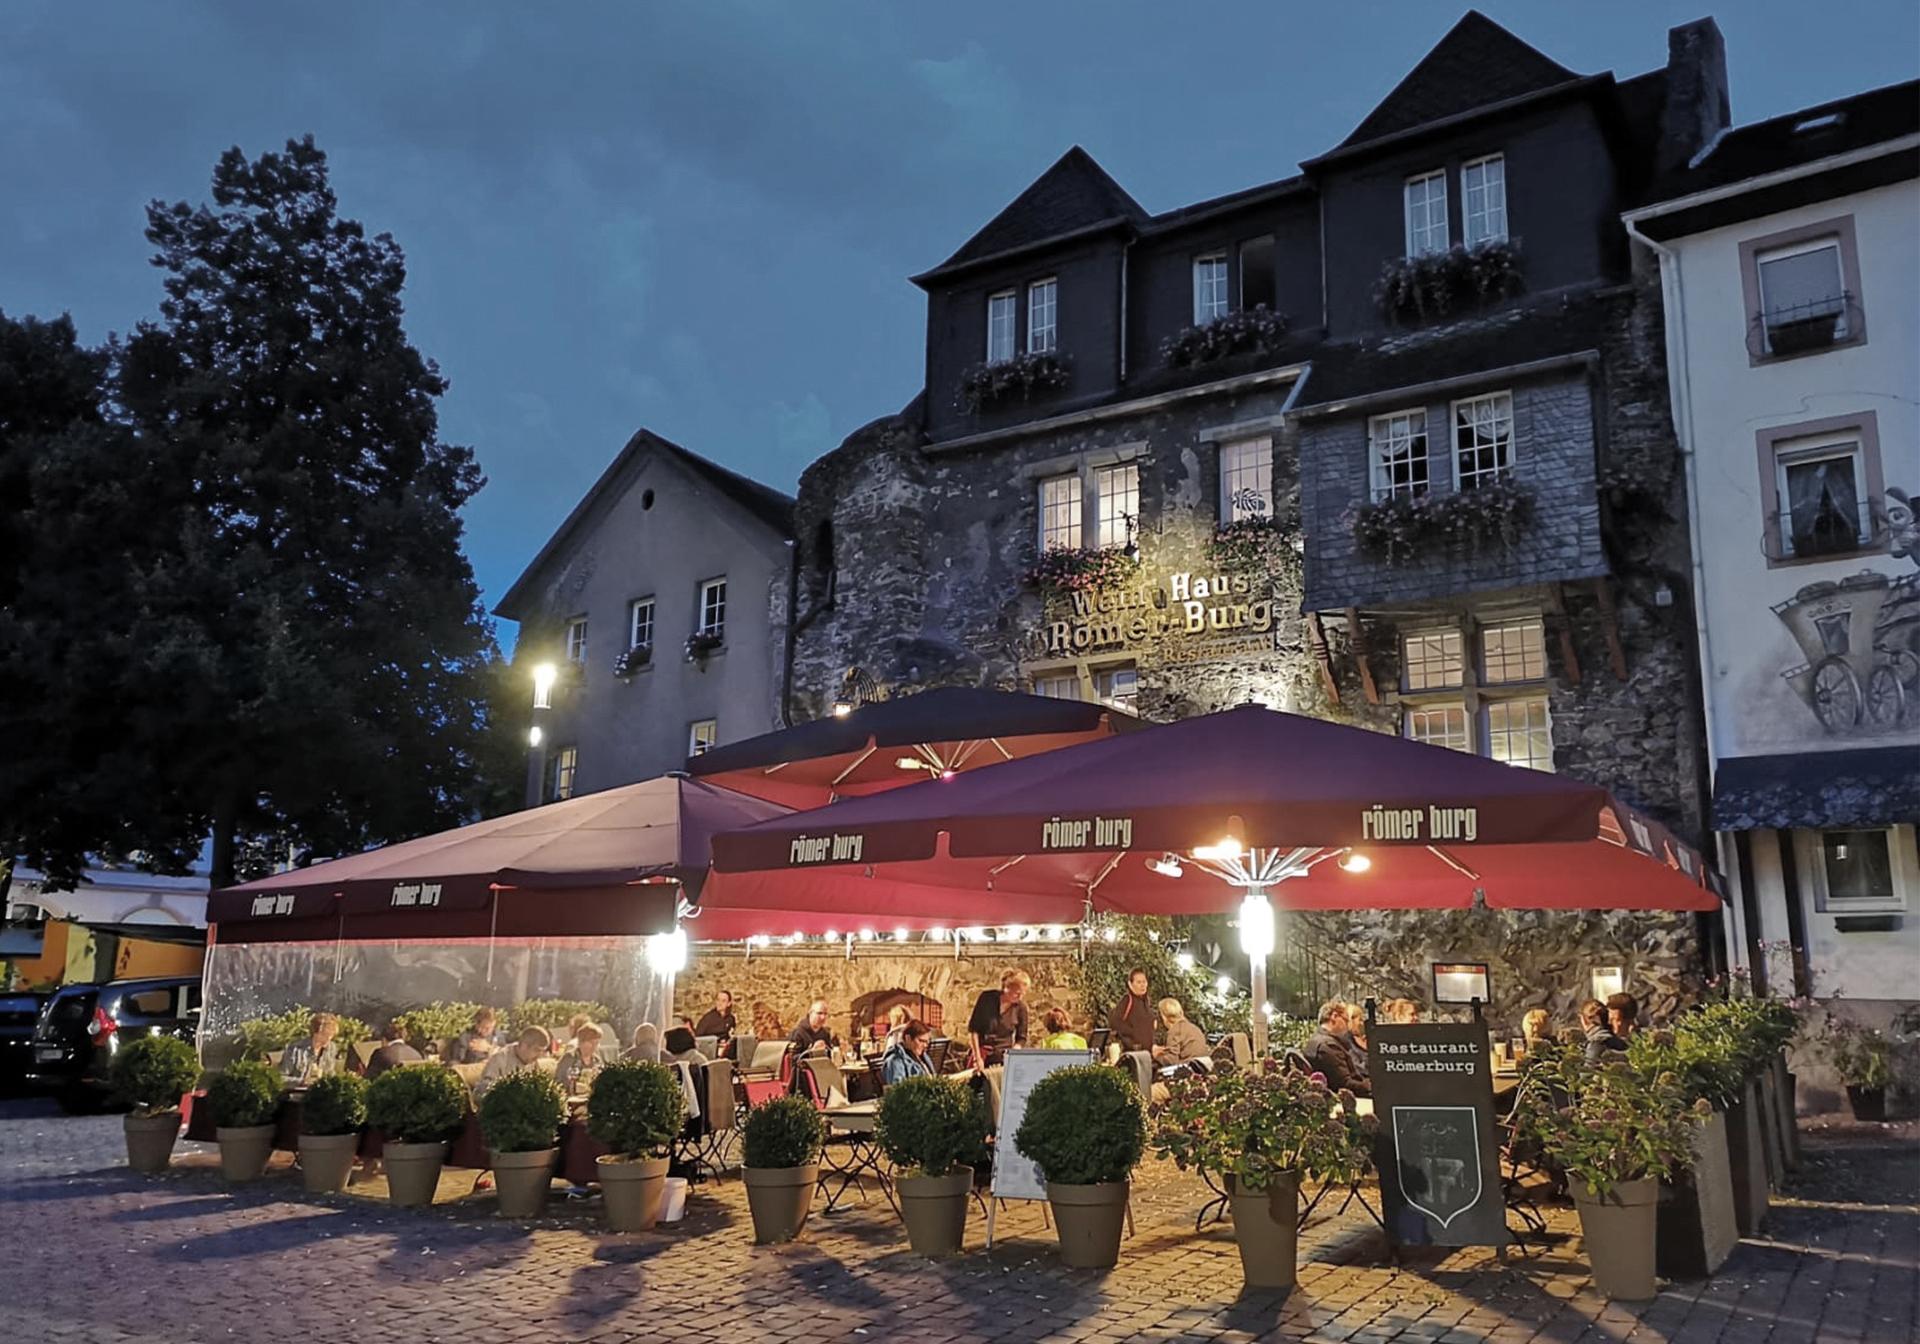 Blick auf die Roemerburg mit Außensitzplätzen